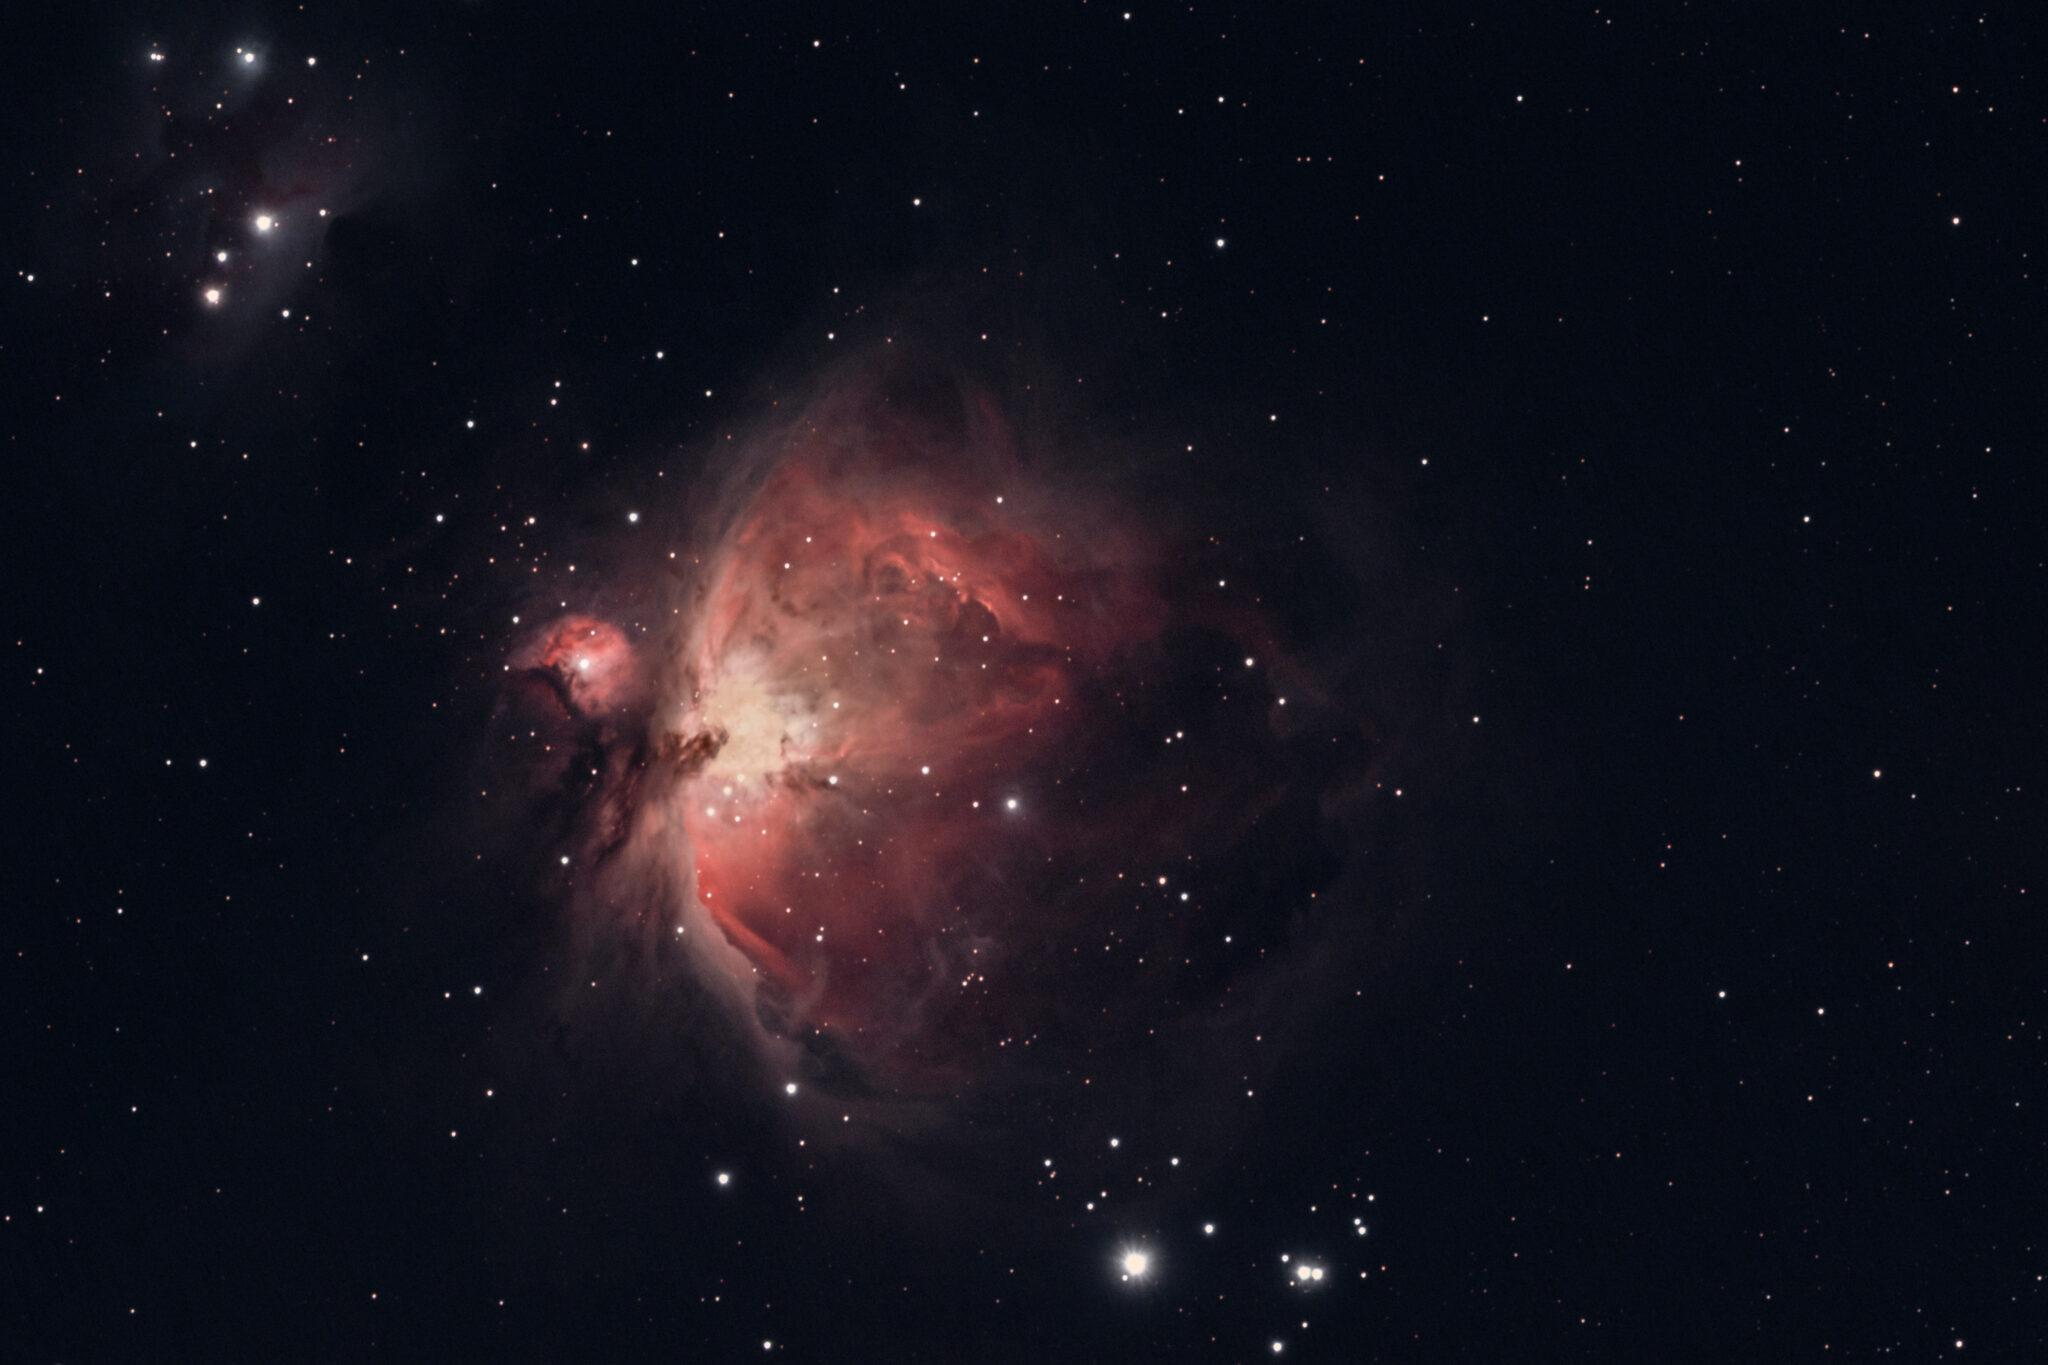 Sterne und ein schwarzes Loch (?), umgeben von schwarz